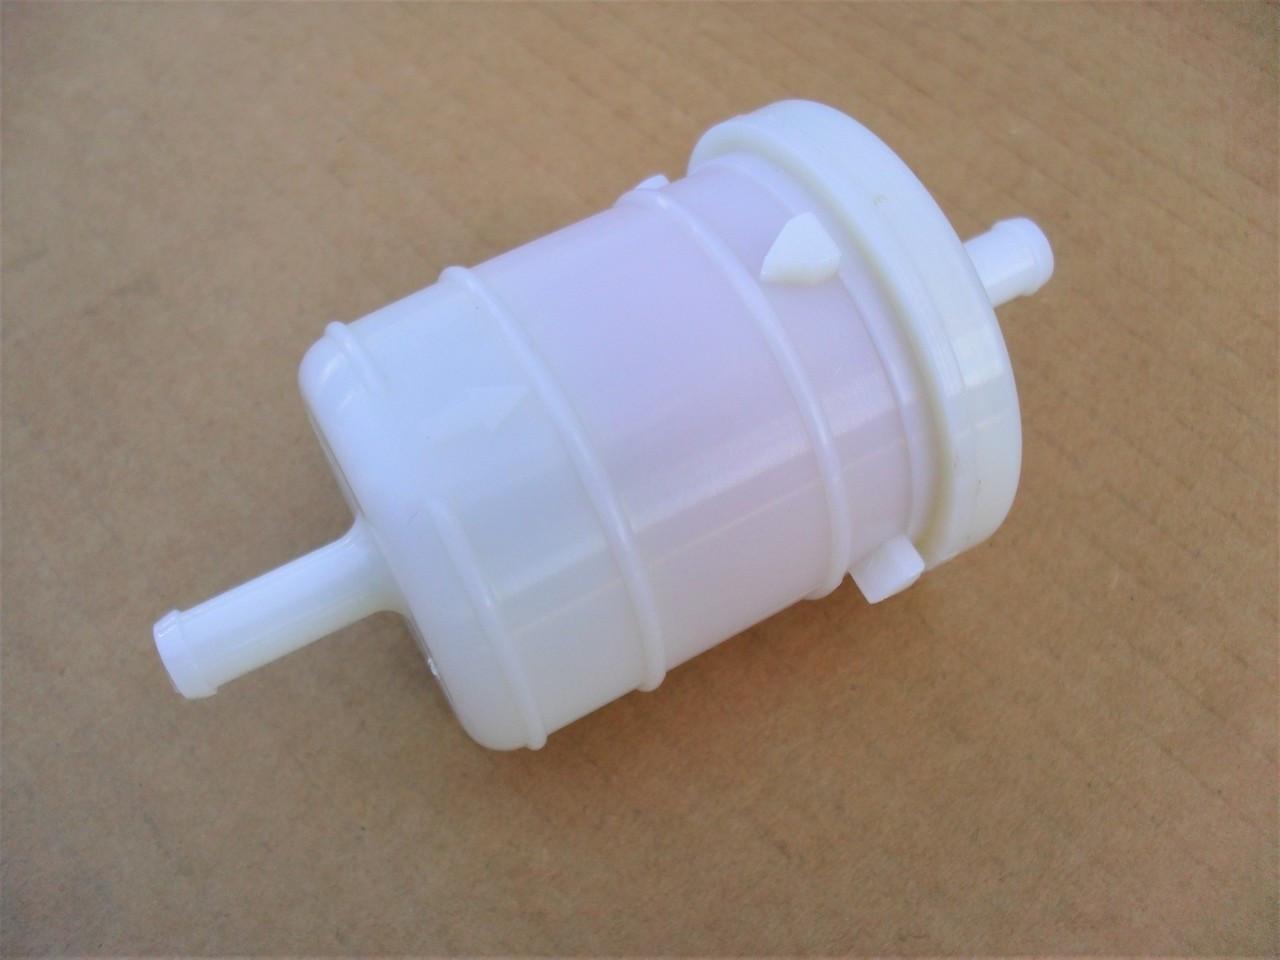 diesel fuel filter for kubota 1258143010 1258143012 1269143010 1335143010 12581 43010 [ 1280 x 960 Pixel ]